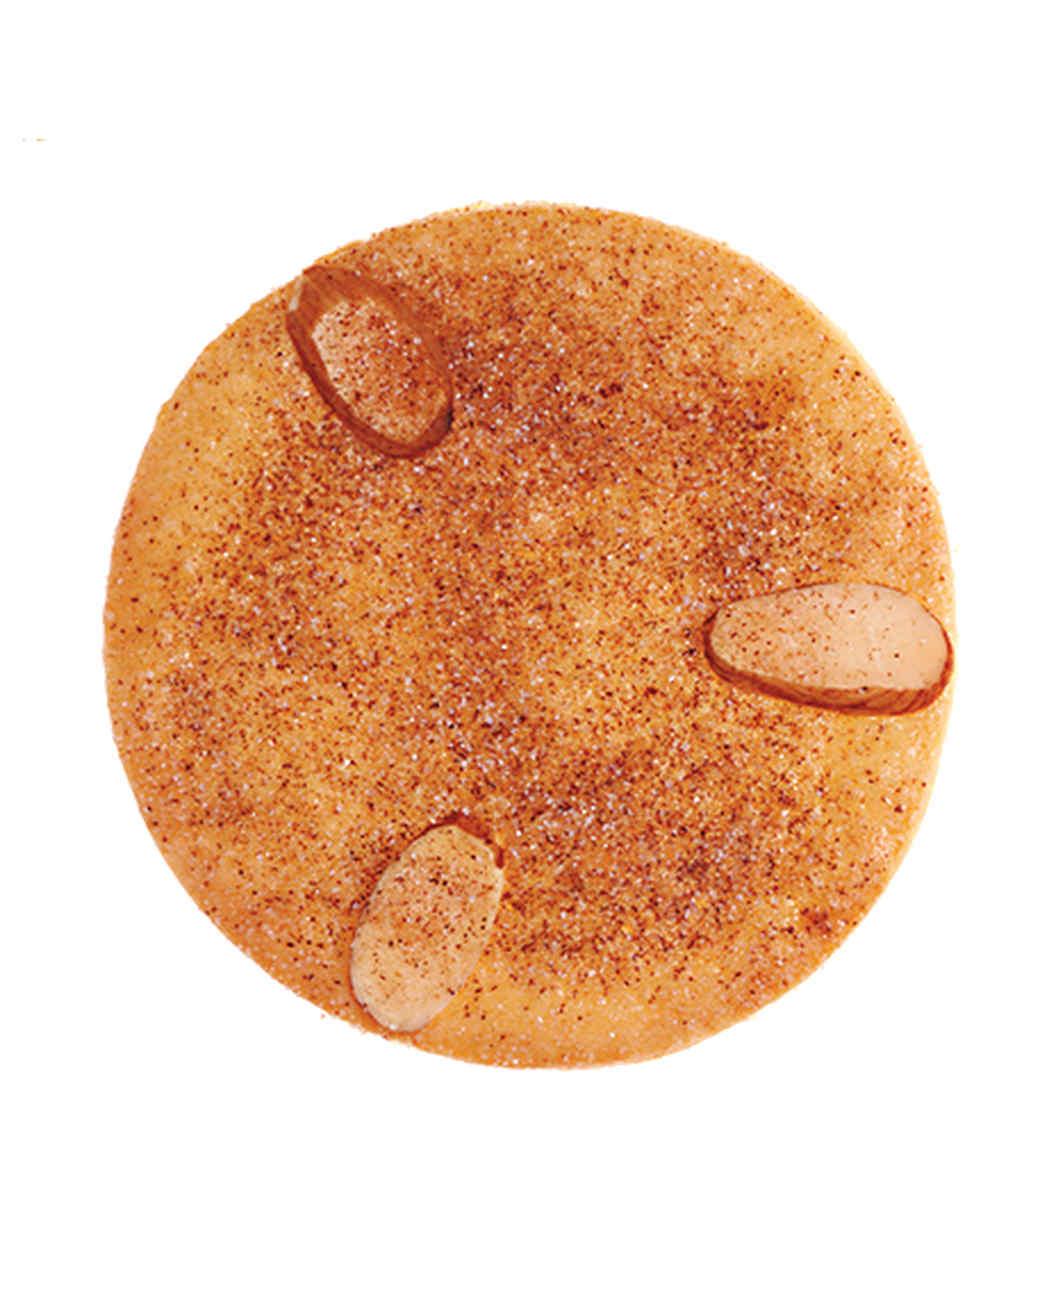 cookie-xd103069toc-10.jpg